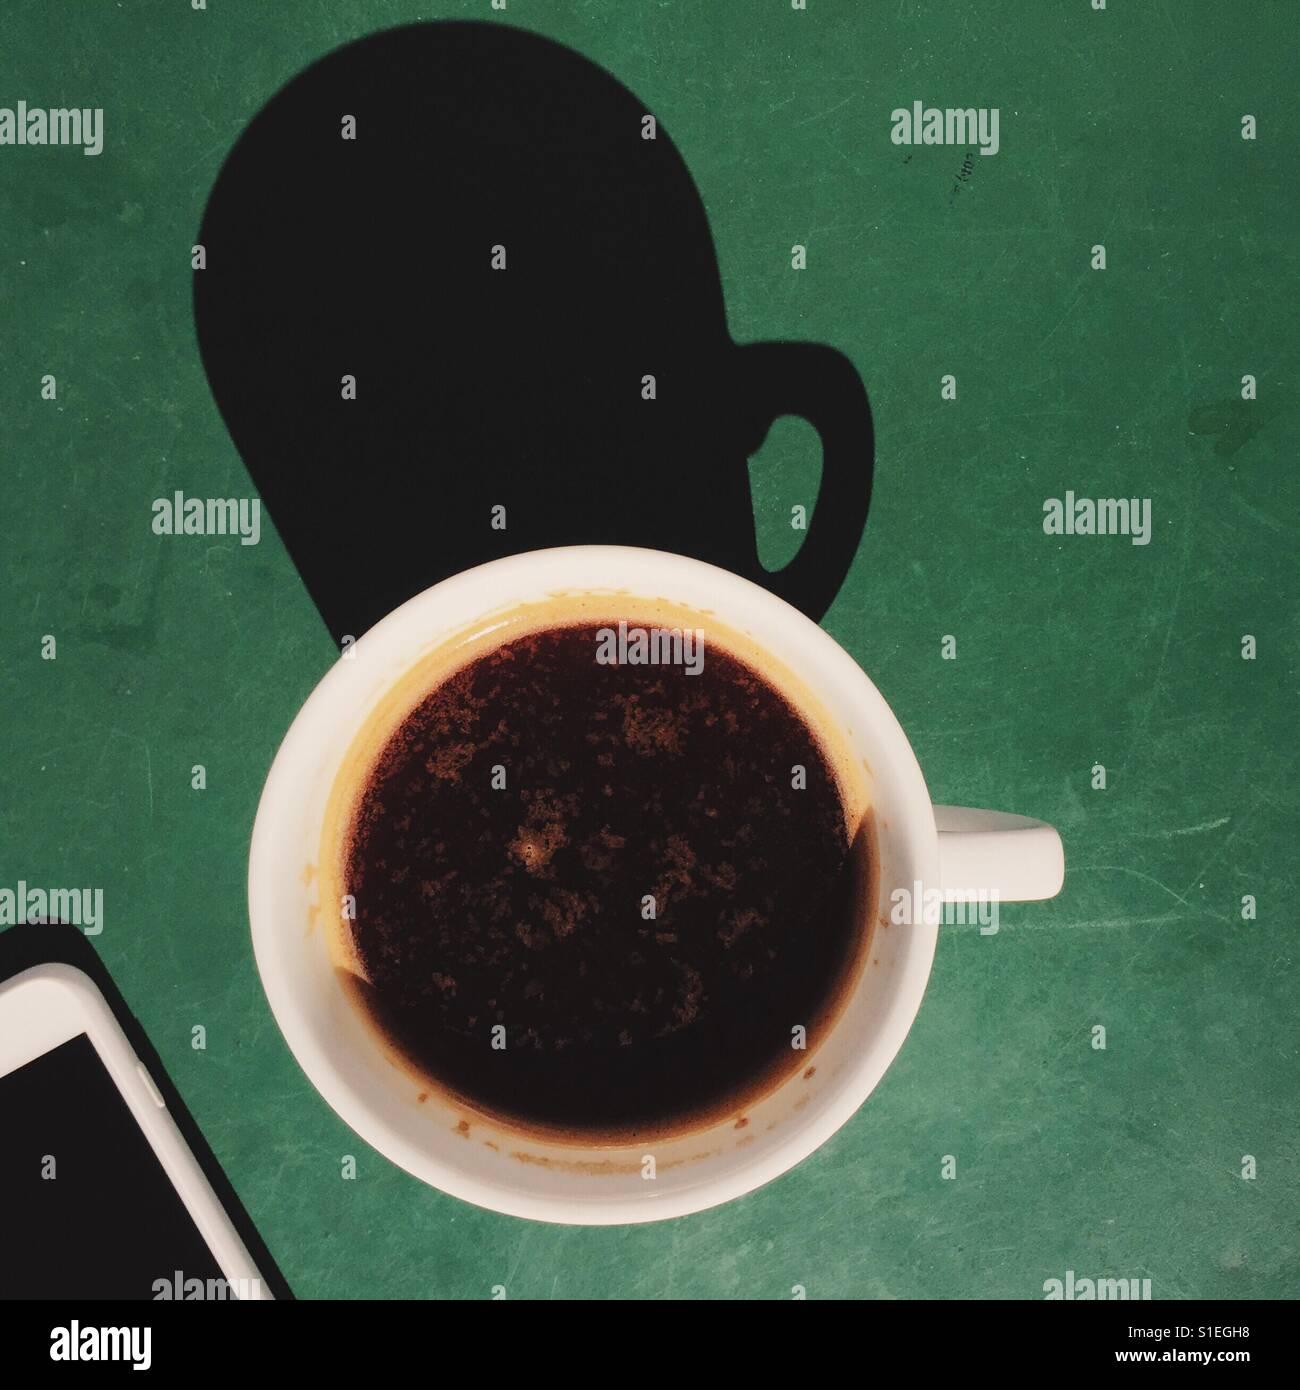 Un overhead shot di una fresca caffè Americano bevanda su un tavolo verde con uno smart phone. Immagini Stock